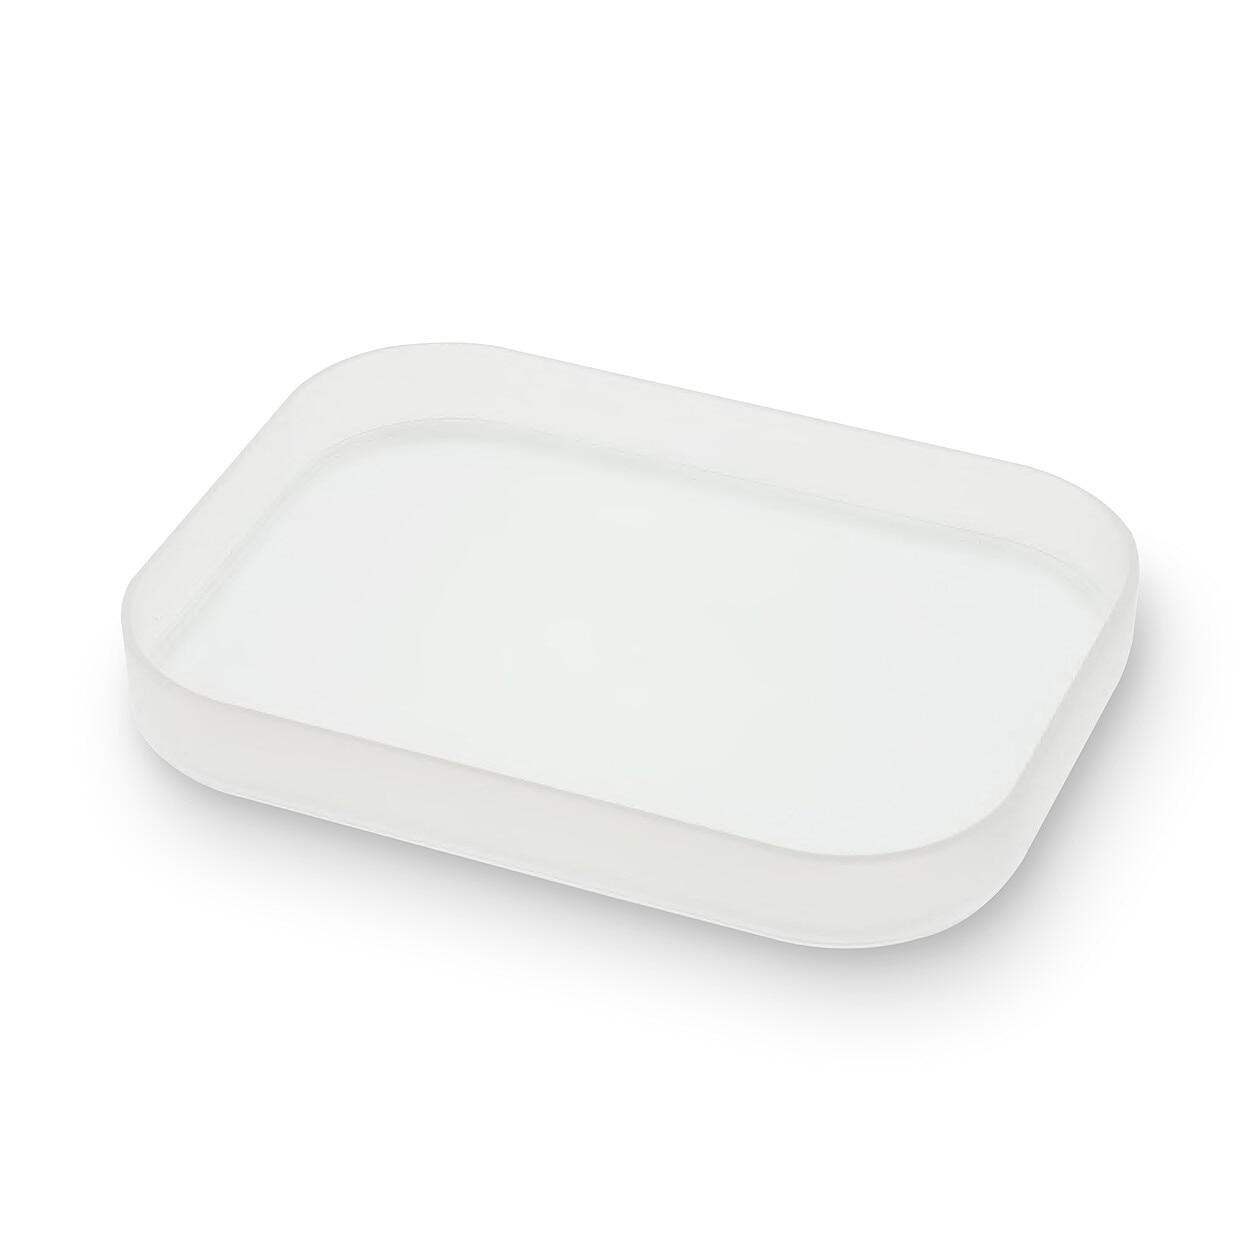 pp half tray